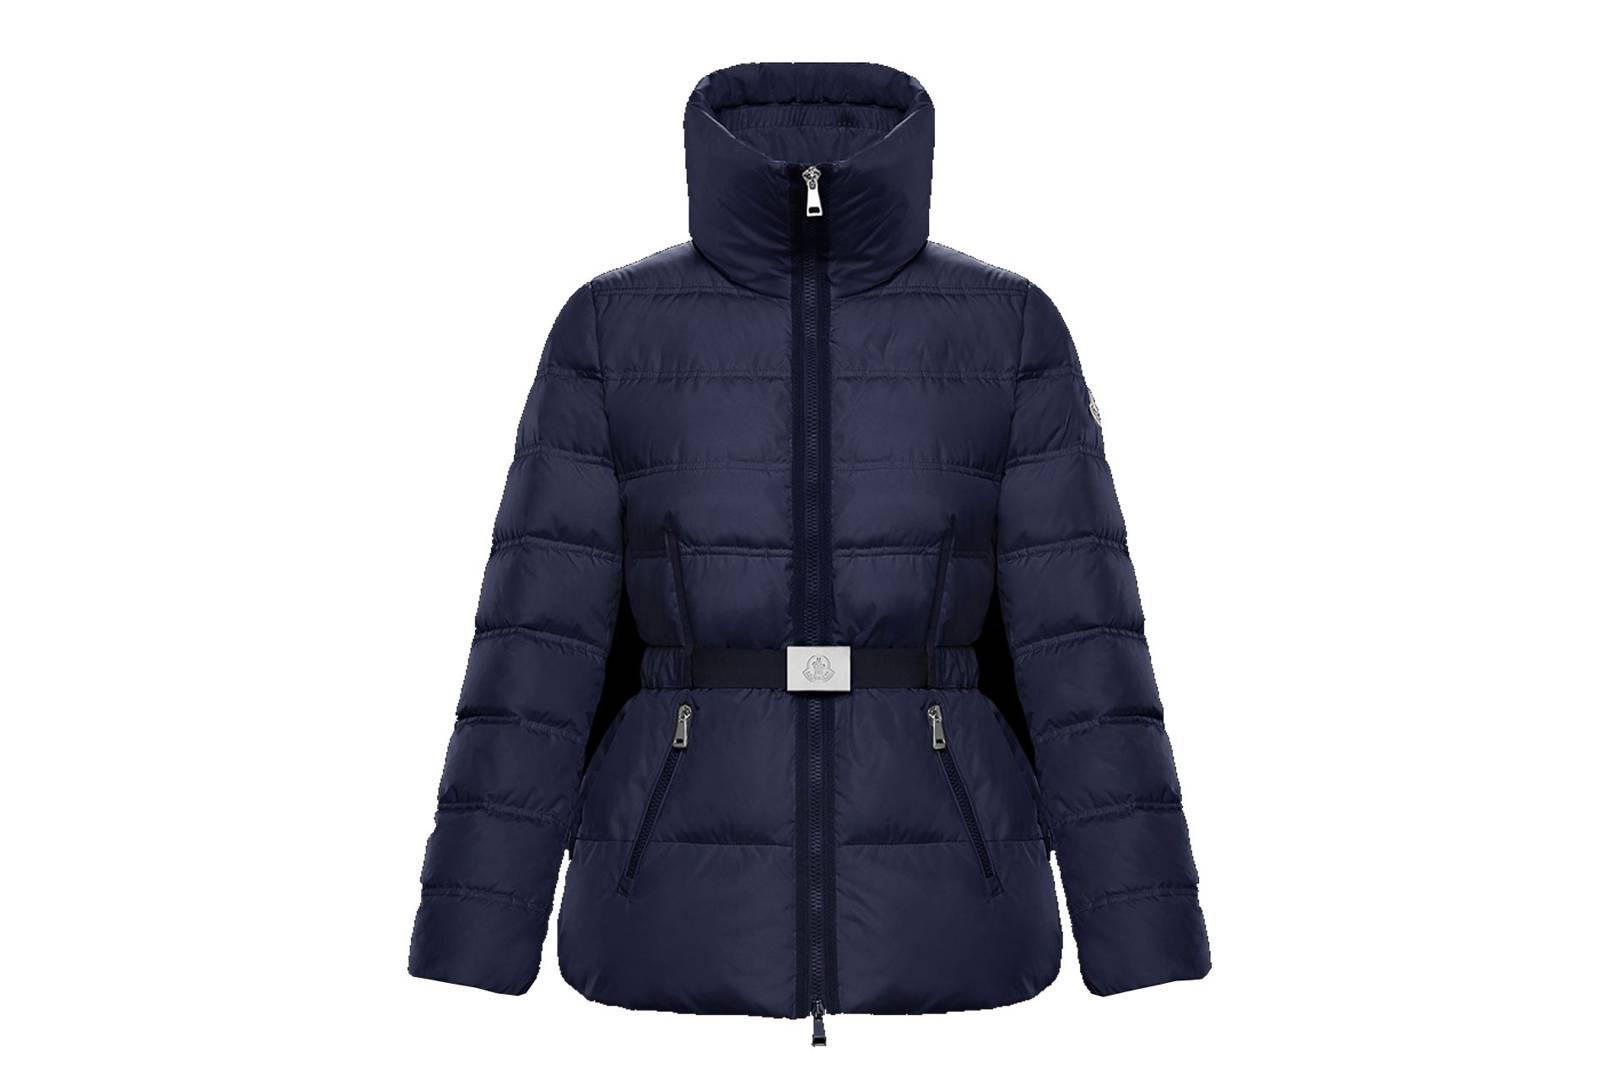 ee01530840 The Best Ski Wear